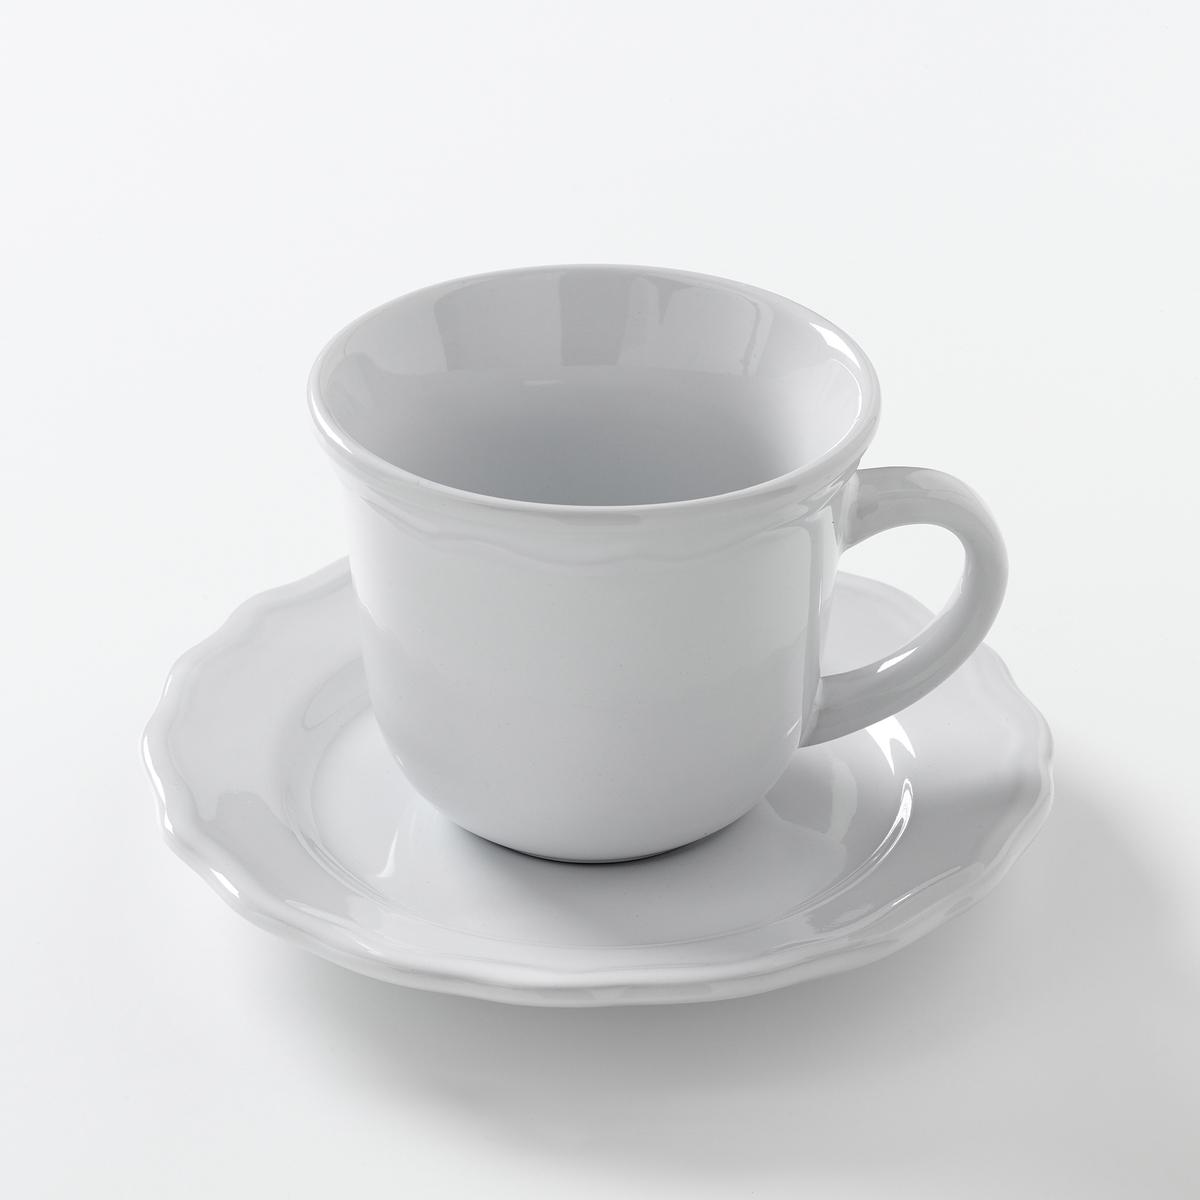 Кружка + блюдце из фаянса (комплект из 4 шт), AjilaХарактеристики 4 кружек + блюдец из фаянса с отделкой фестоном Ajila   :- Из фаянса, зубчатая кромка.- Диаметр блюдца 16 см.- Диаметр чашки 9 см.- Высота чашки 7,7 см.- Объем 22 см3.- Можно использовать в посудомоечных машинах и микроволновых печах.Плоские, глубокие, десертные тарелки и чашки Ajila продаются на нашем сайте .<br><br>Цвет: белый,серо-коричневый<br>Размер: единый размер